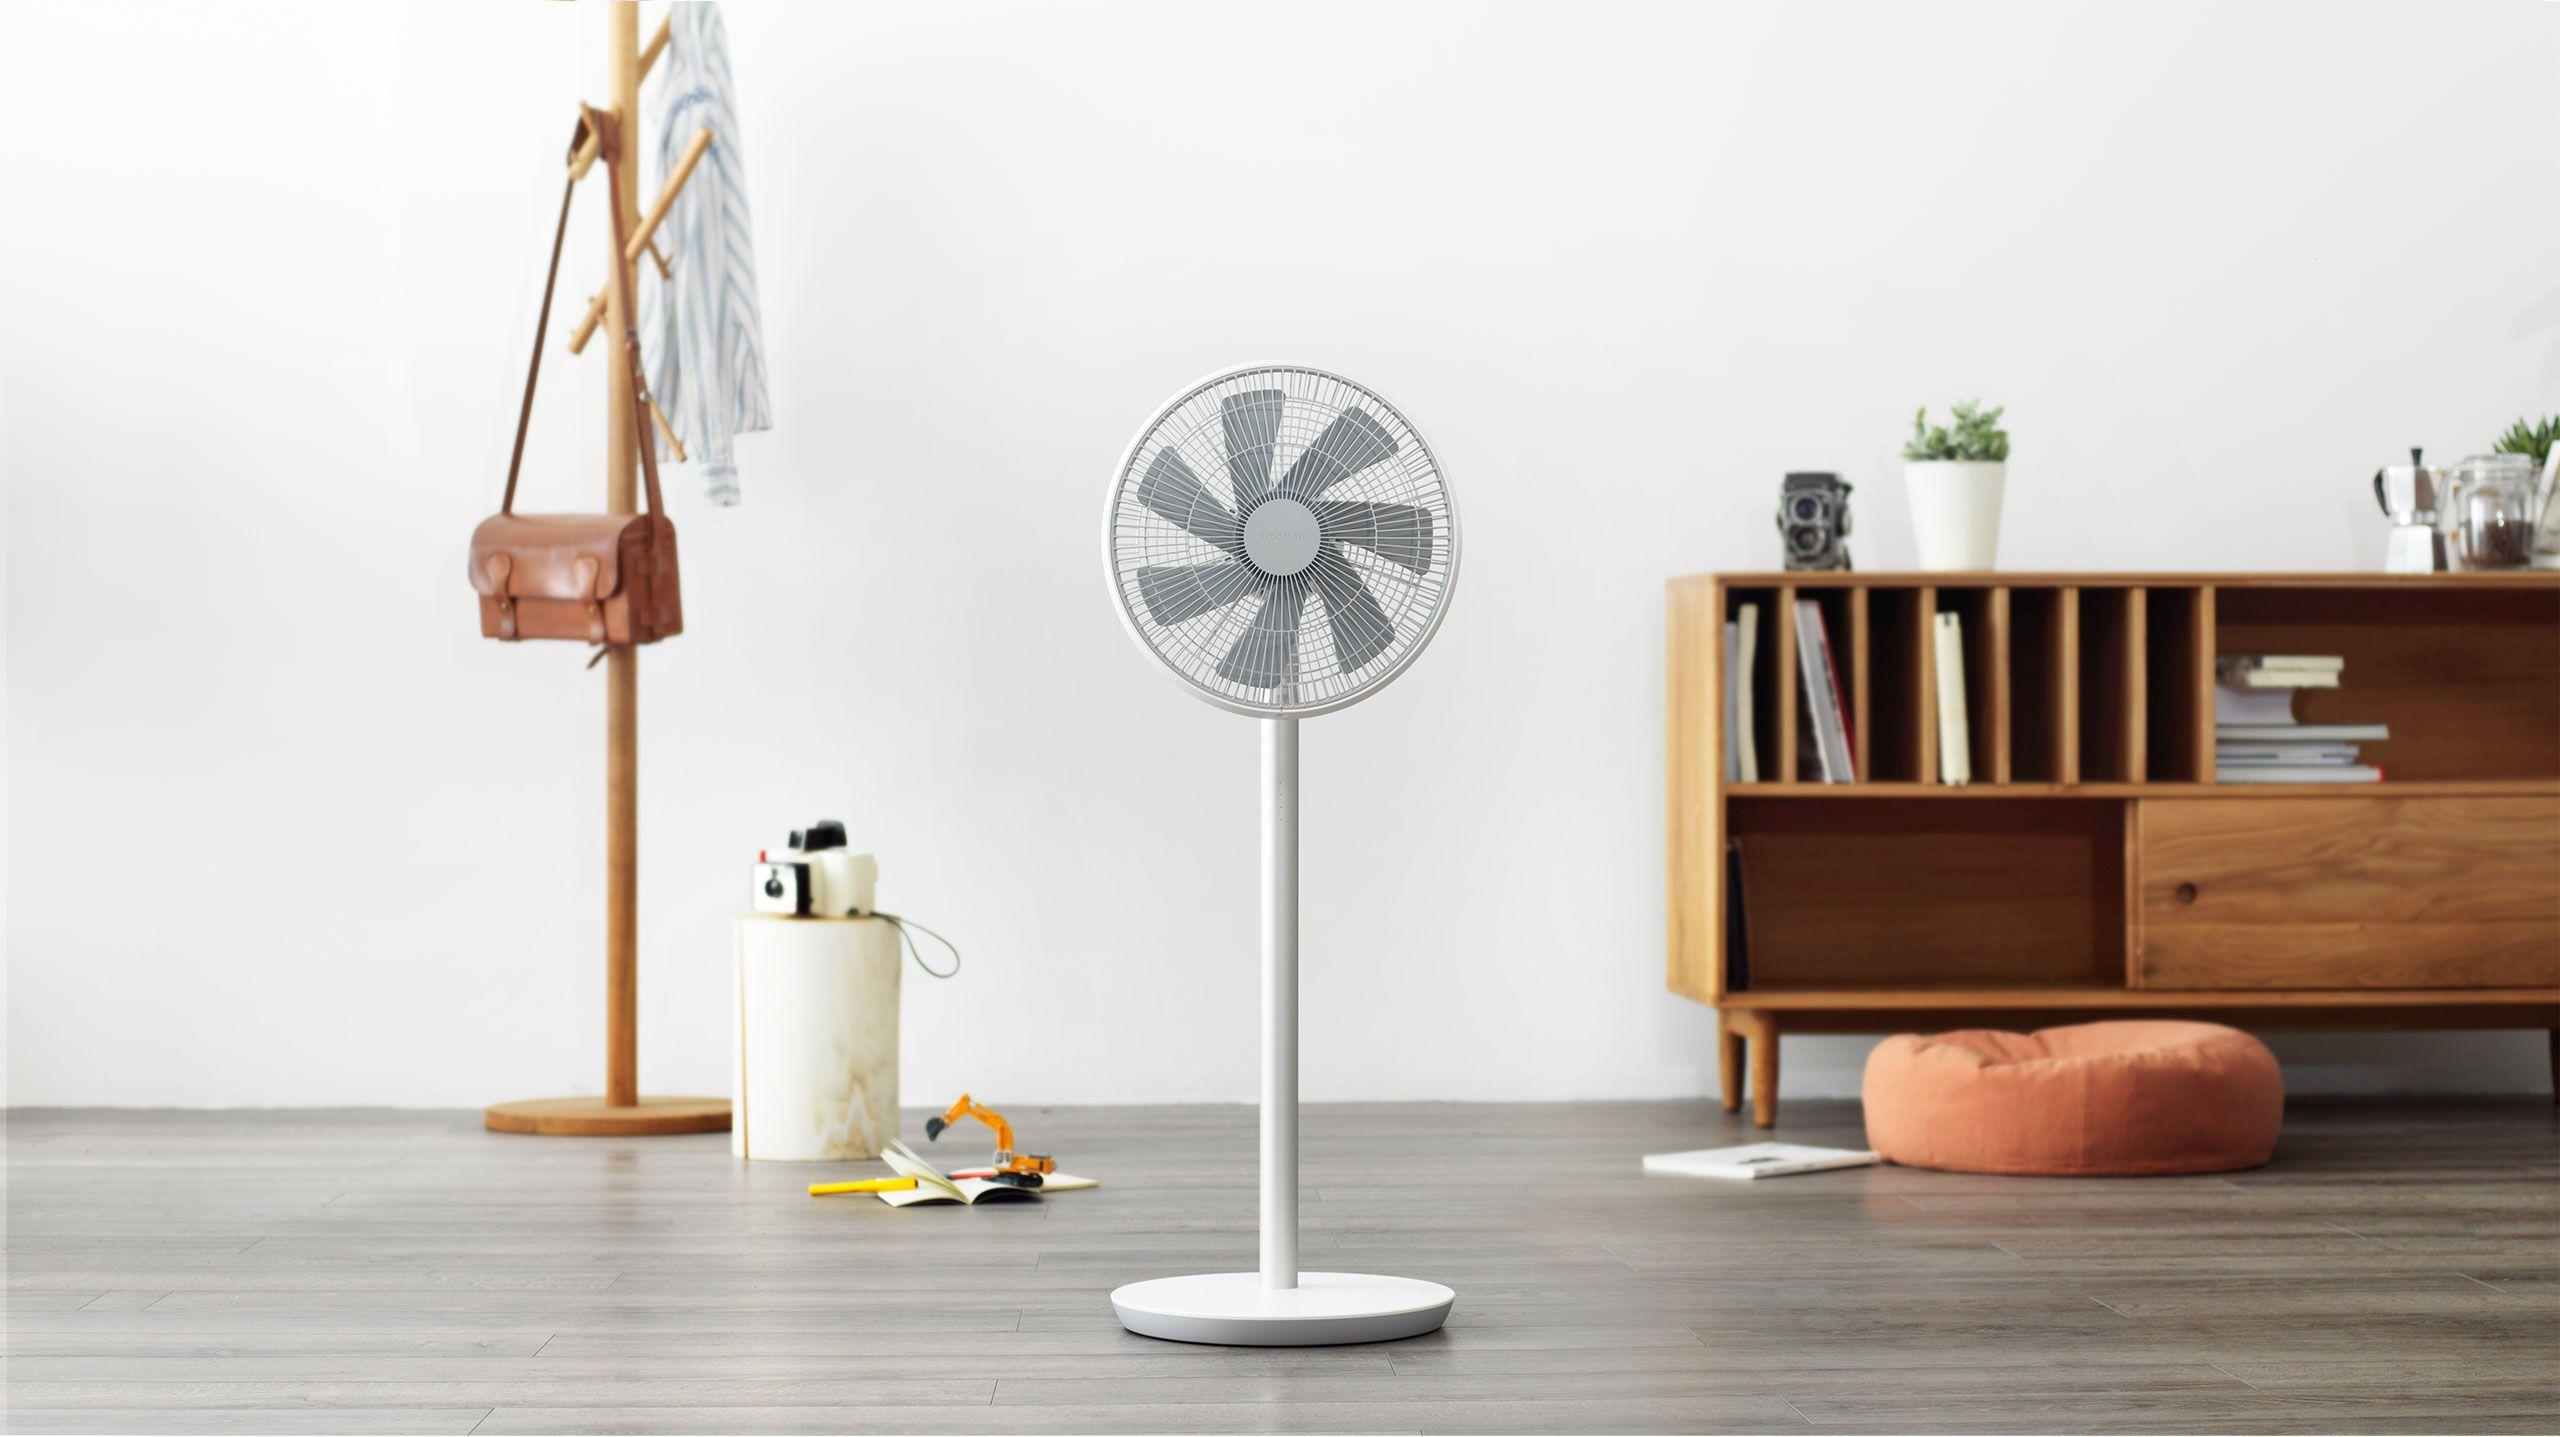 xiaomi_wind_pedestal_fan_2_4.jpg